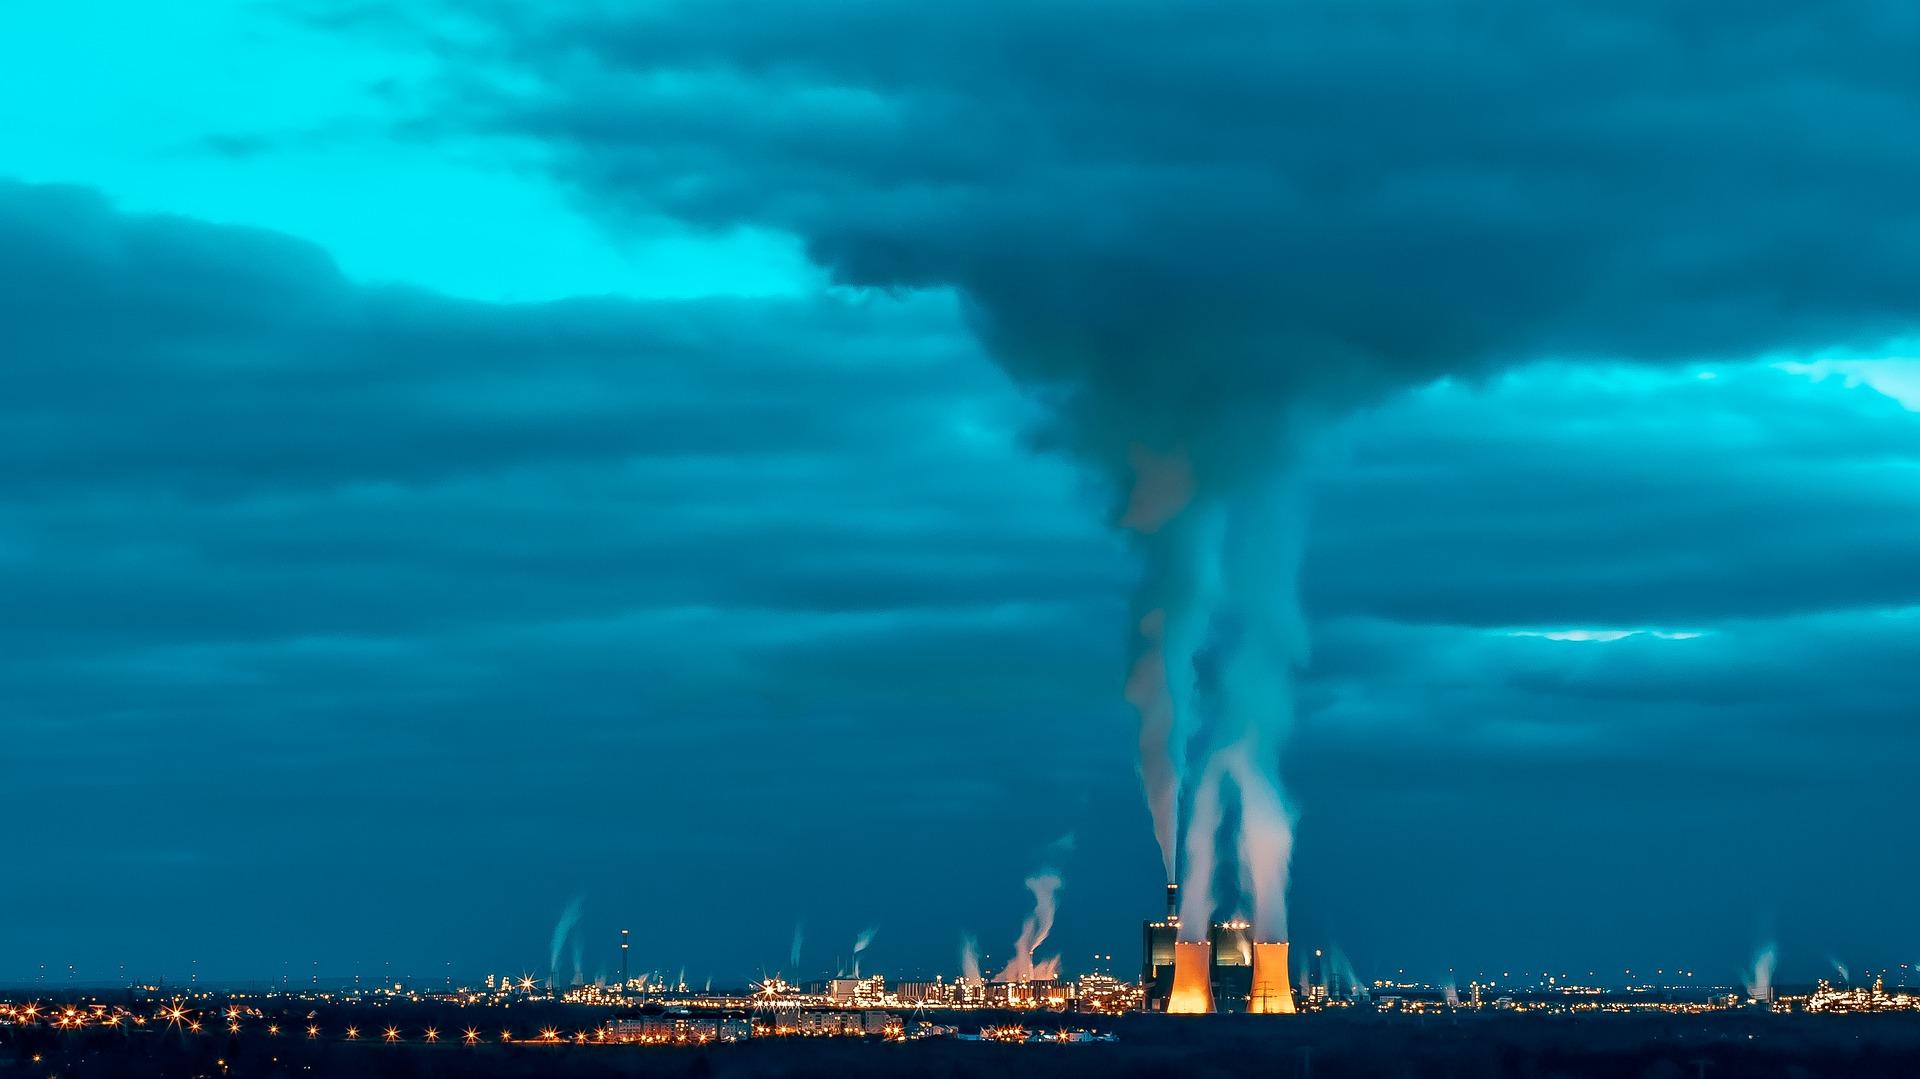 Ce gaz à effet de serre plus néfaste que le CO2 augmente alors qu'il devrait disparaître